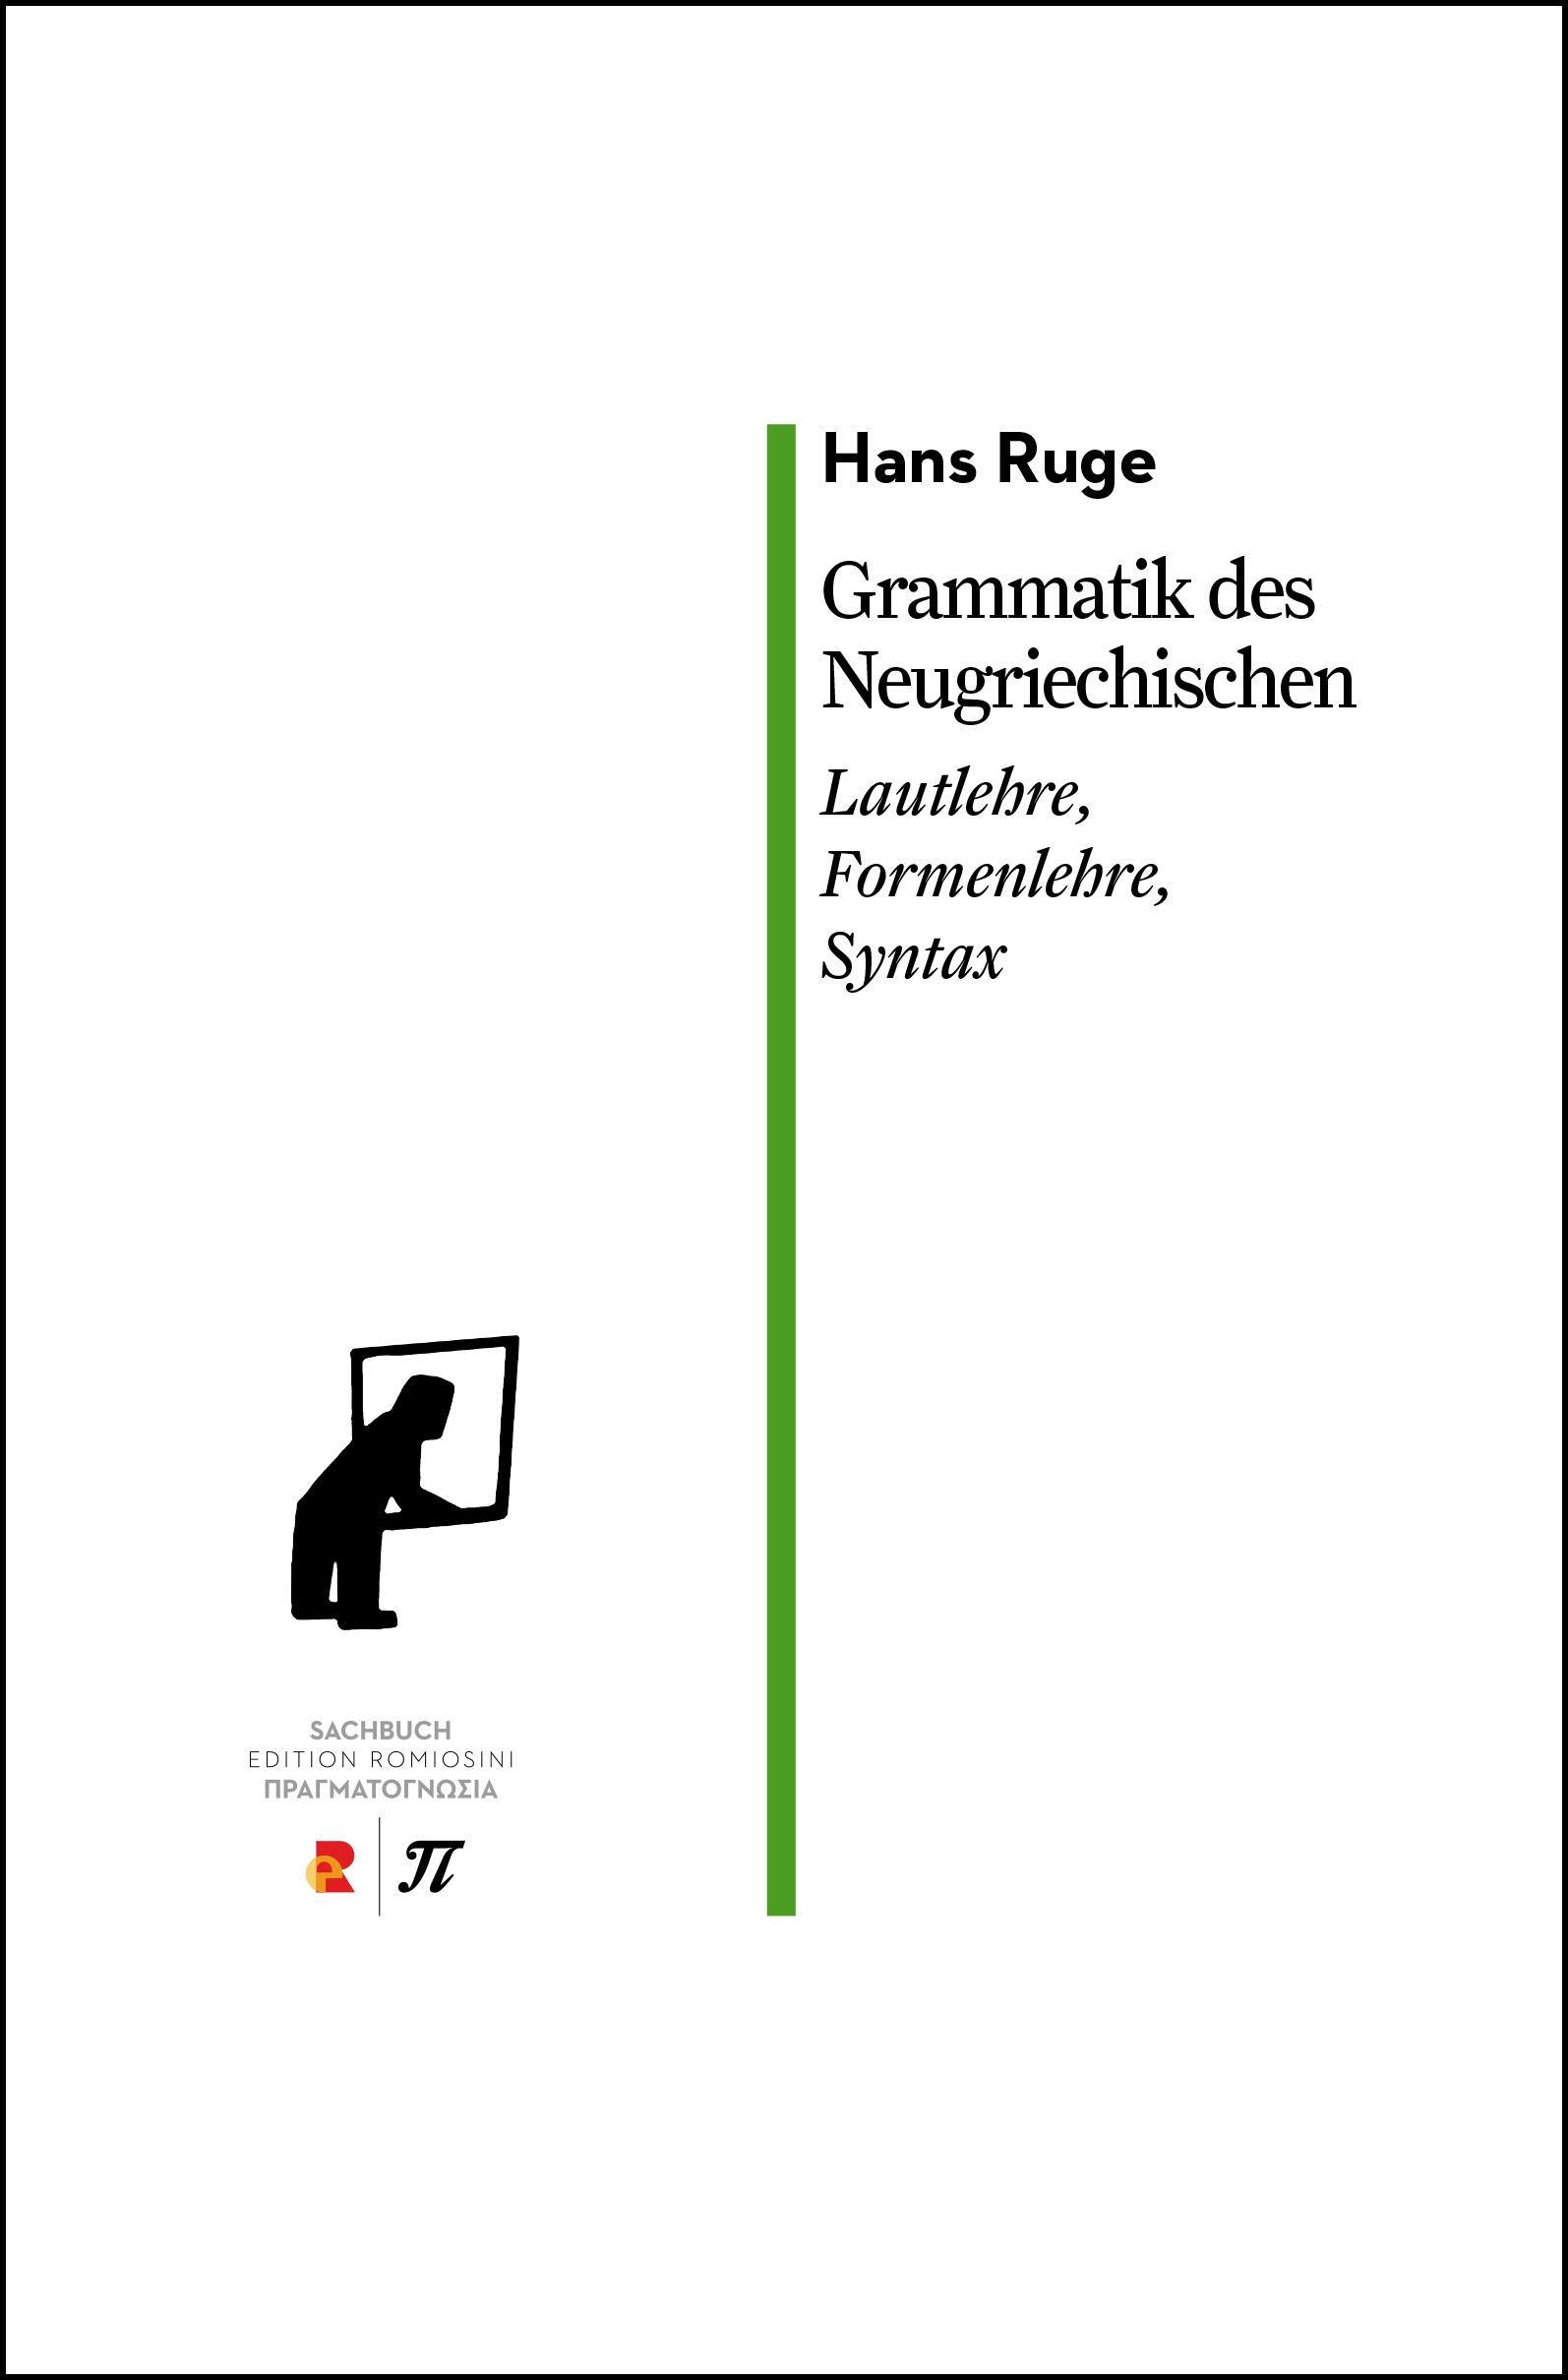 Titelbild für Grammatik des Νeugriechischen. Lautlehre, Formenlehre, Syntax